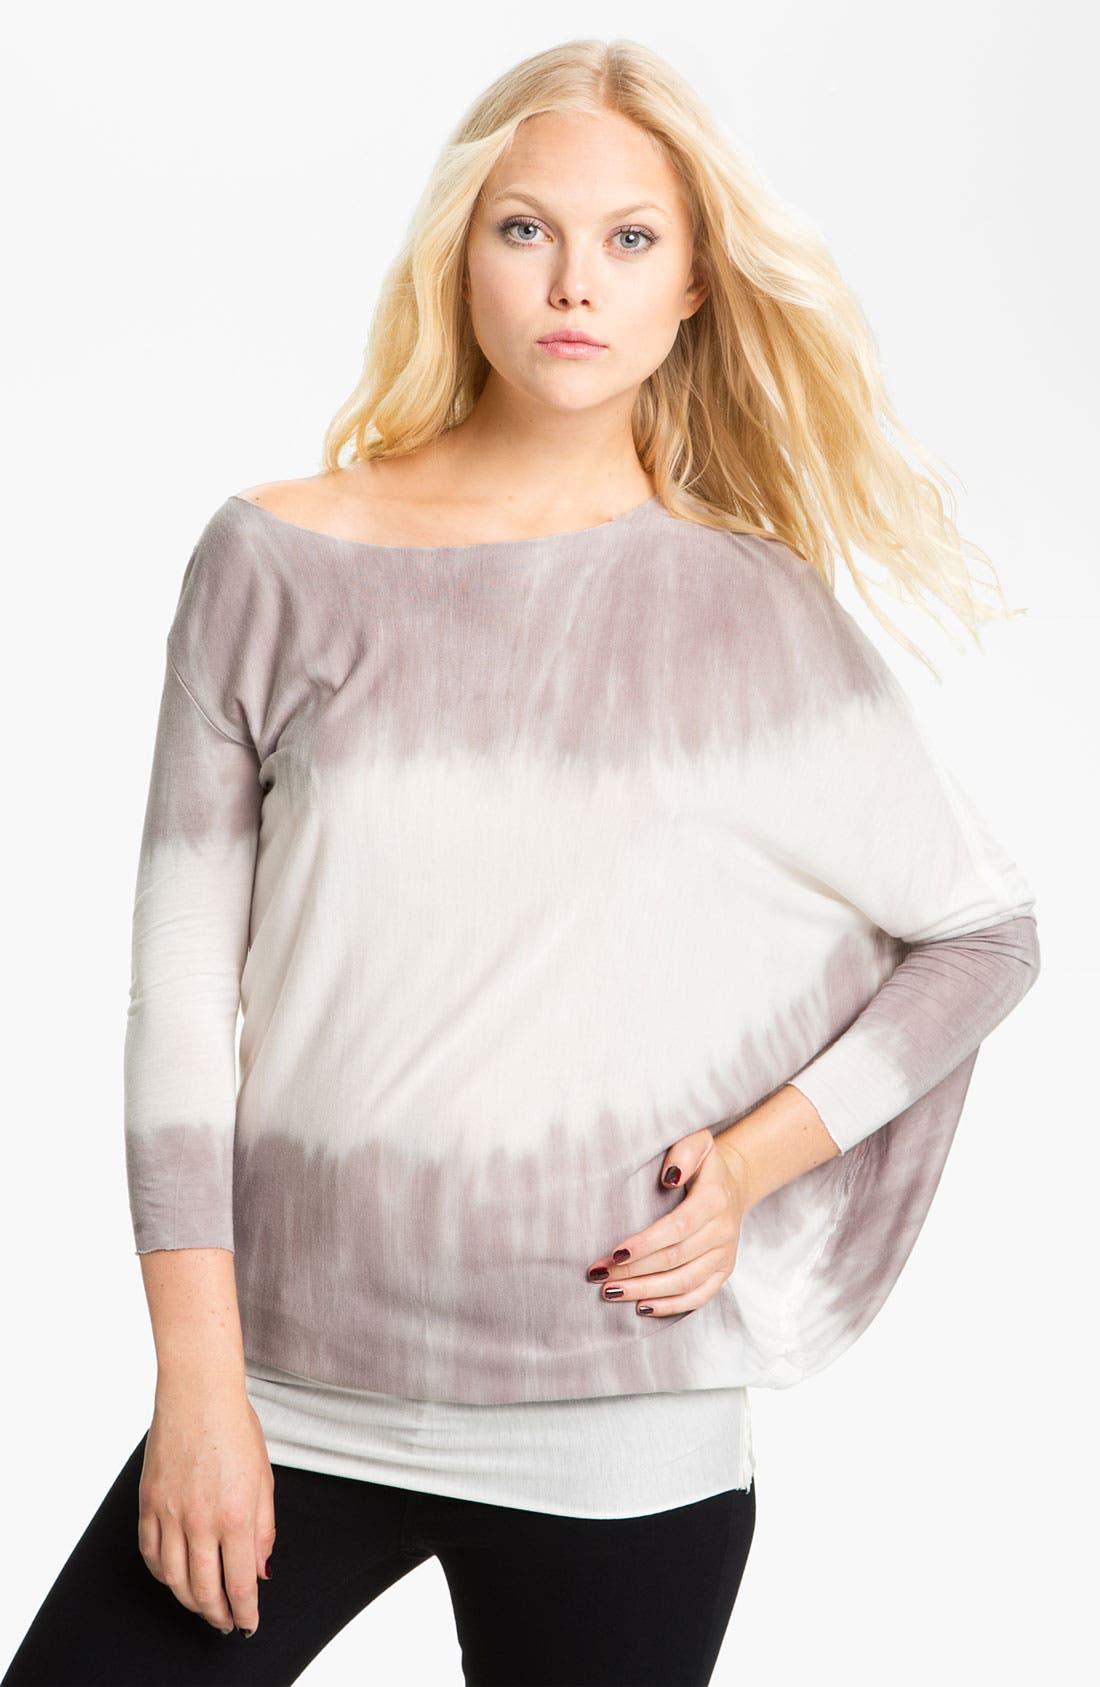 Main Image - Young, Fabulous & Broke 'Gigi' Tie Dye Top